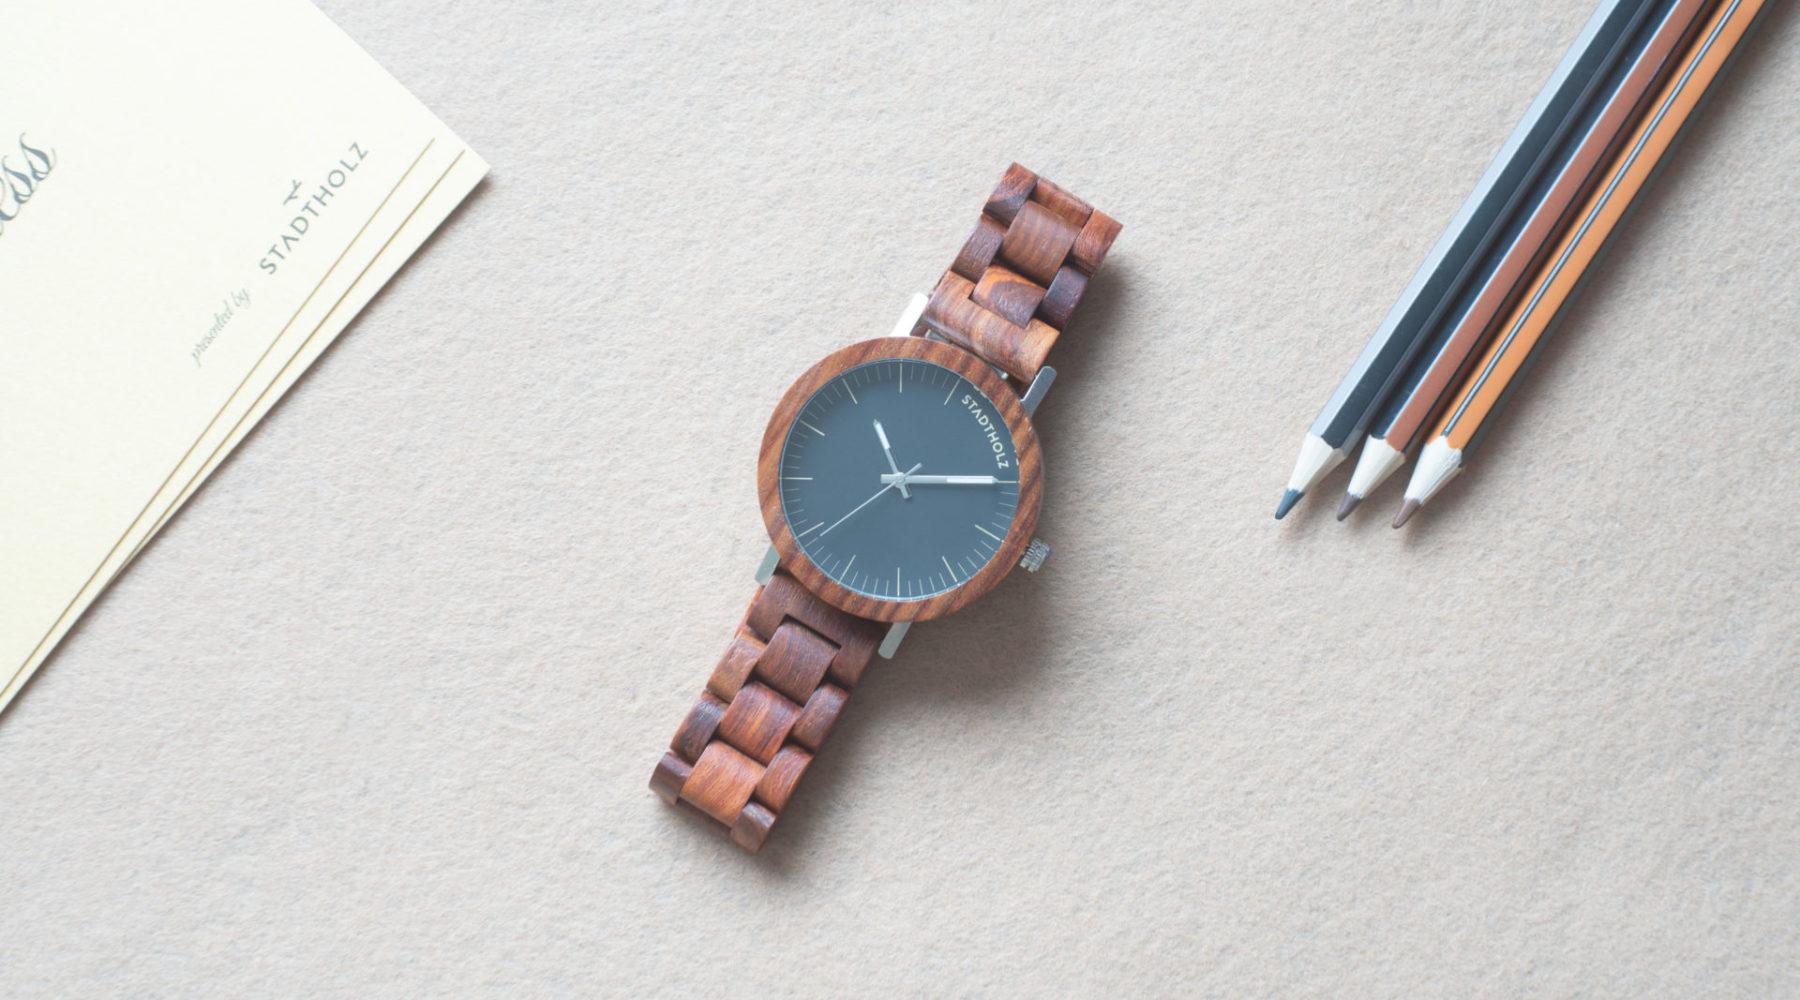 Minimalistische Design Holzuhr von Stadtholz